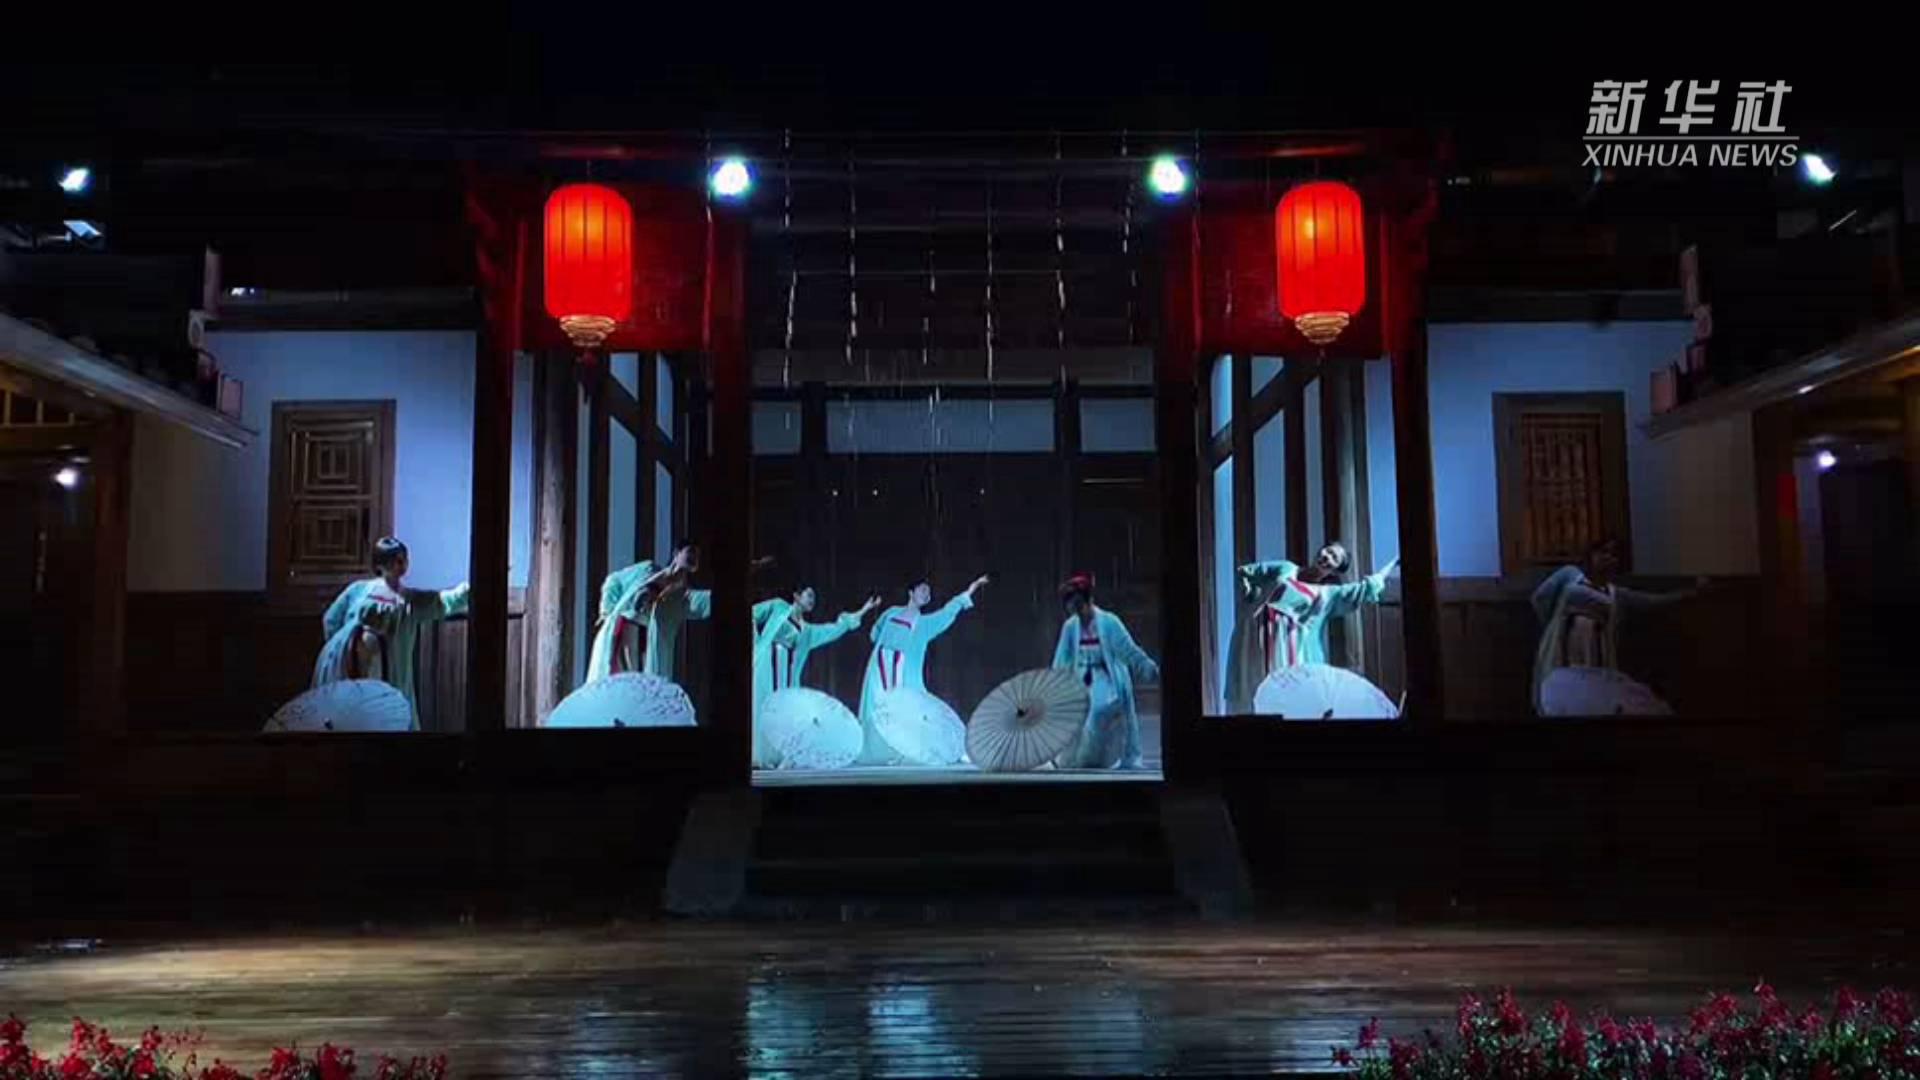 舞蹈对话古民居:MV《风筝误》